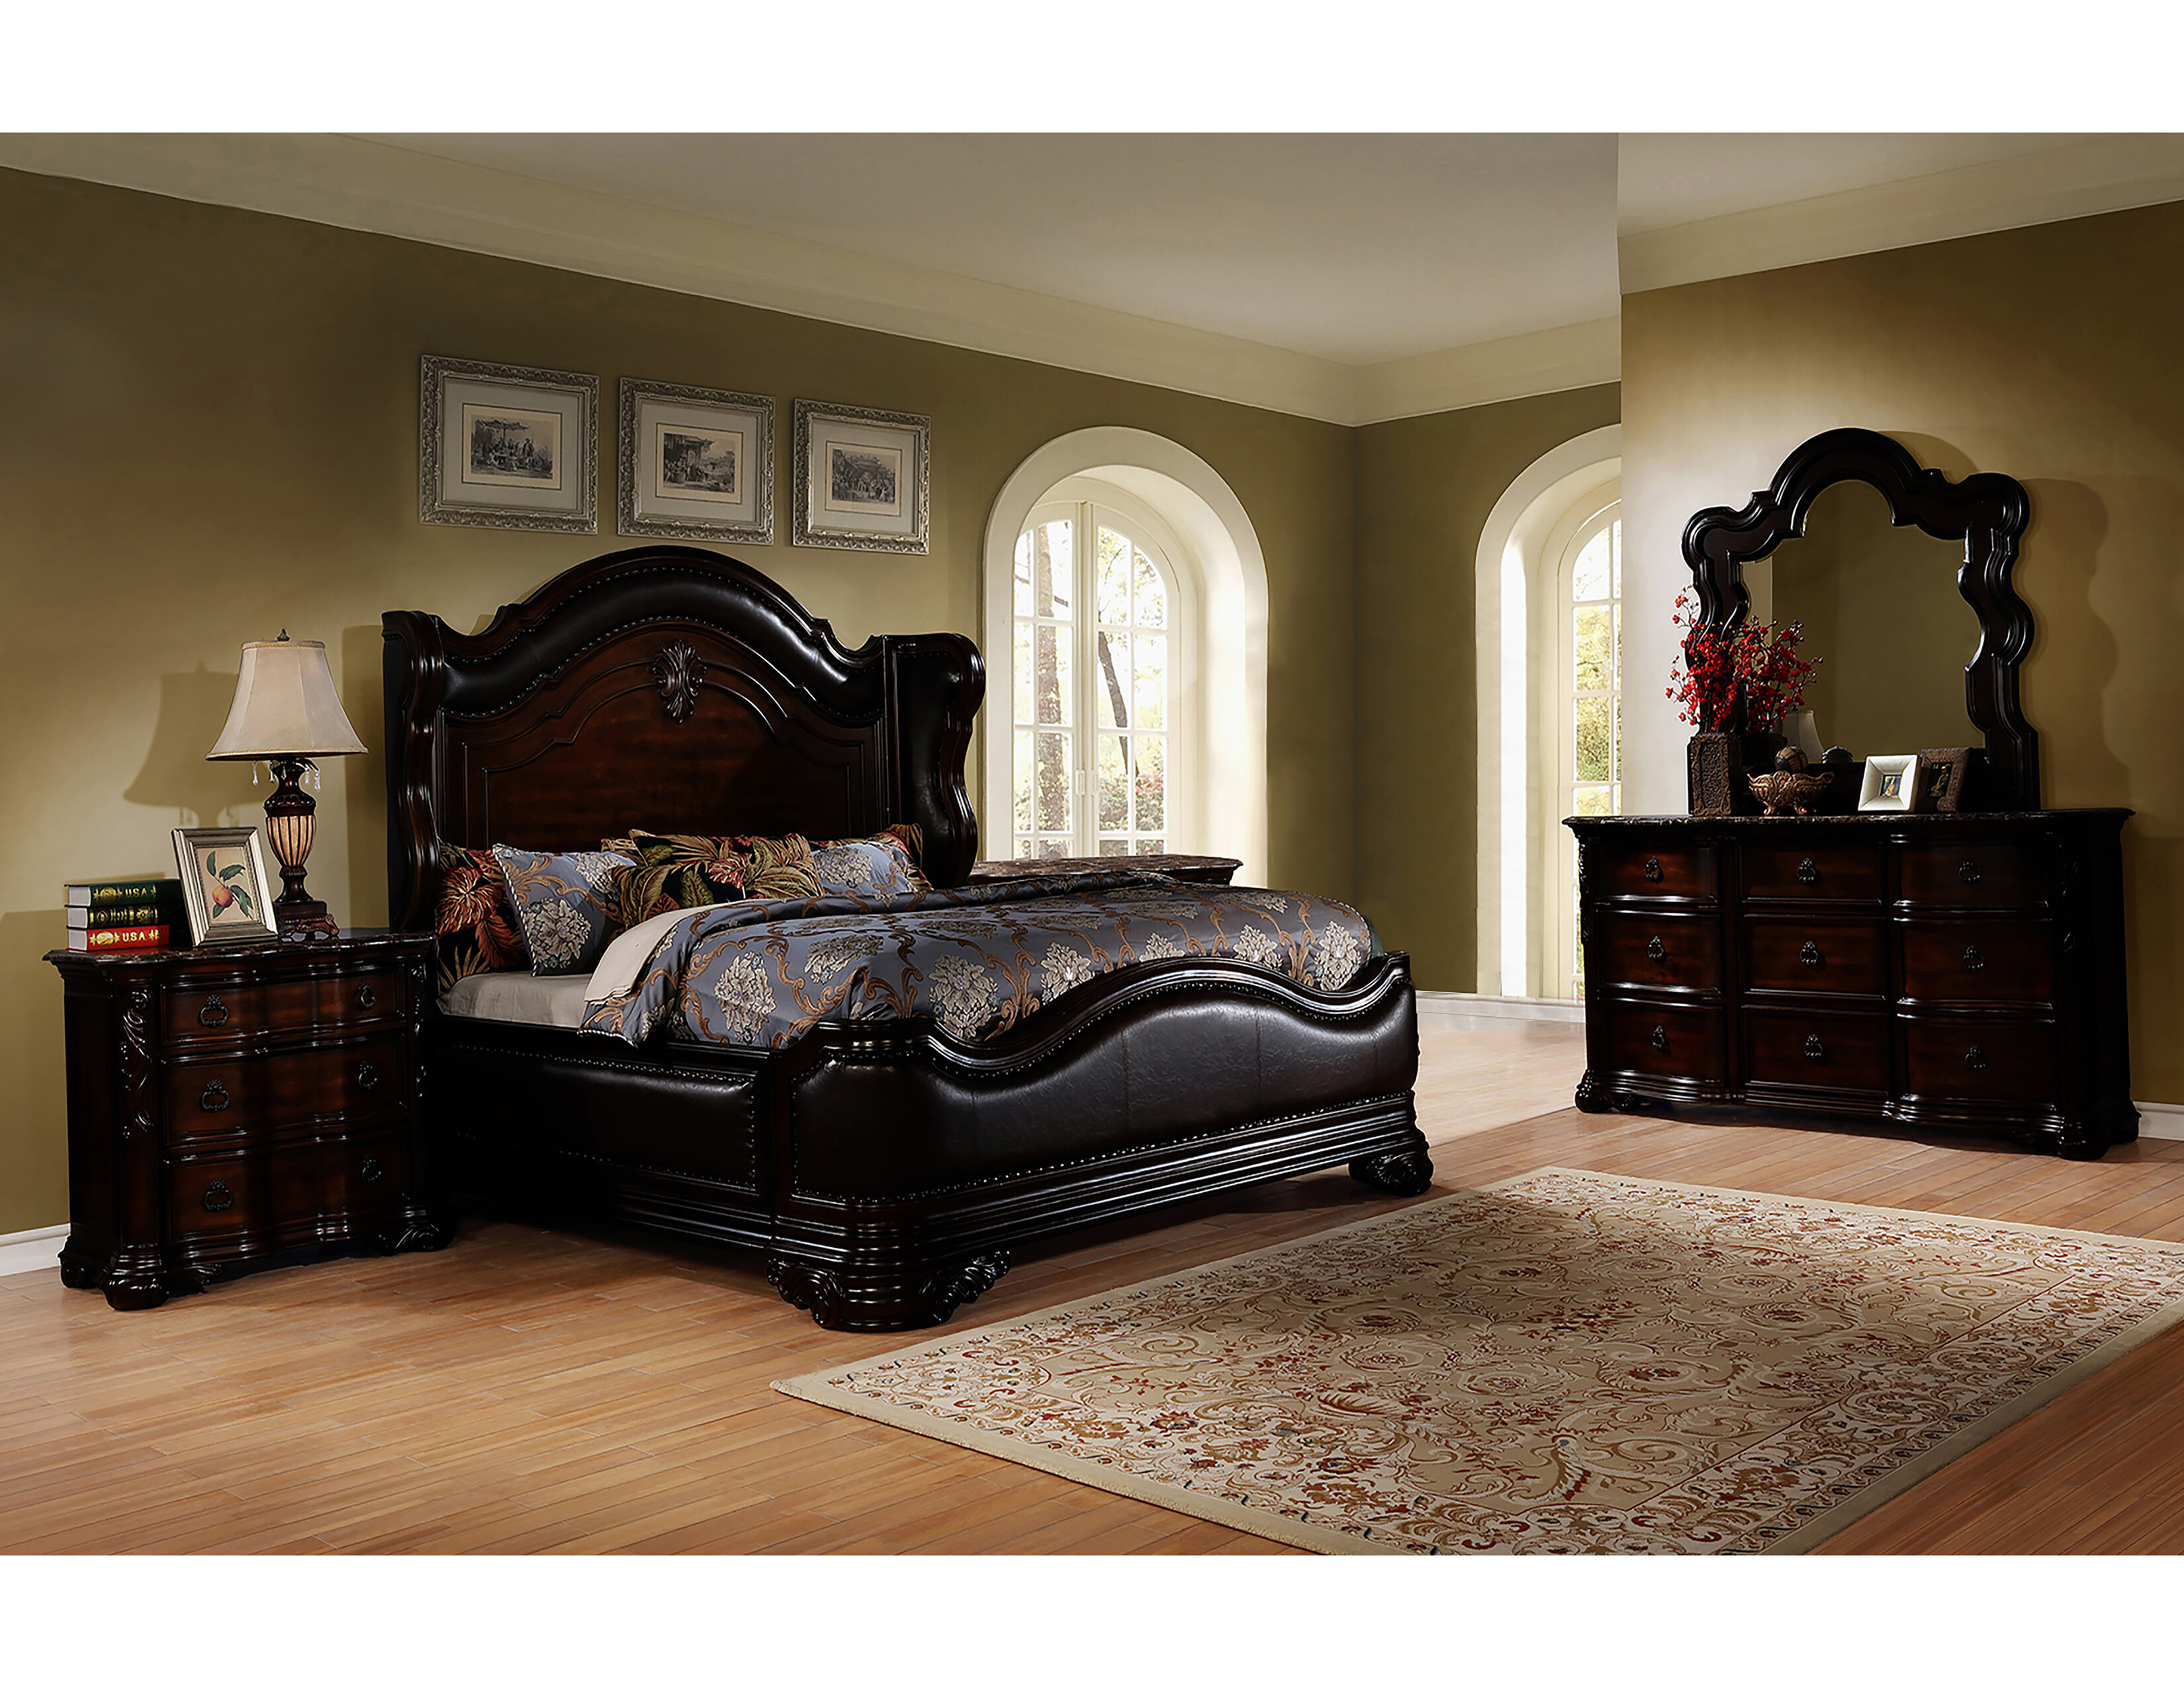 Ayan Standard 5 Piece Bedroom Set